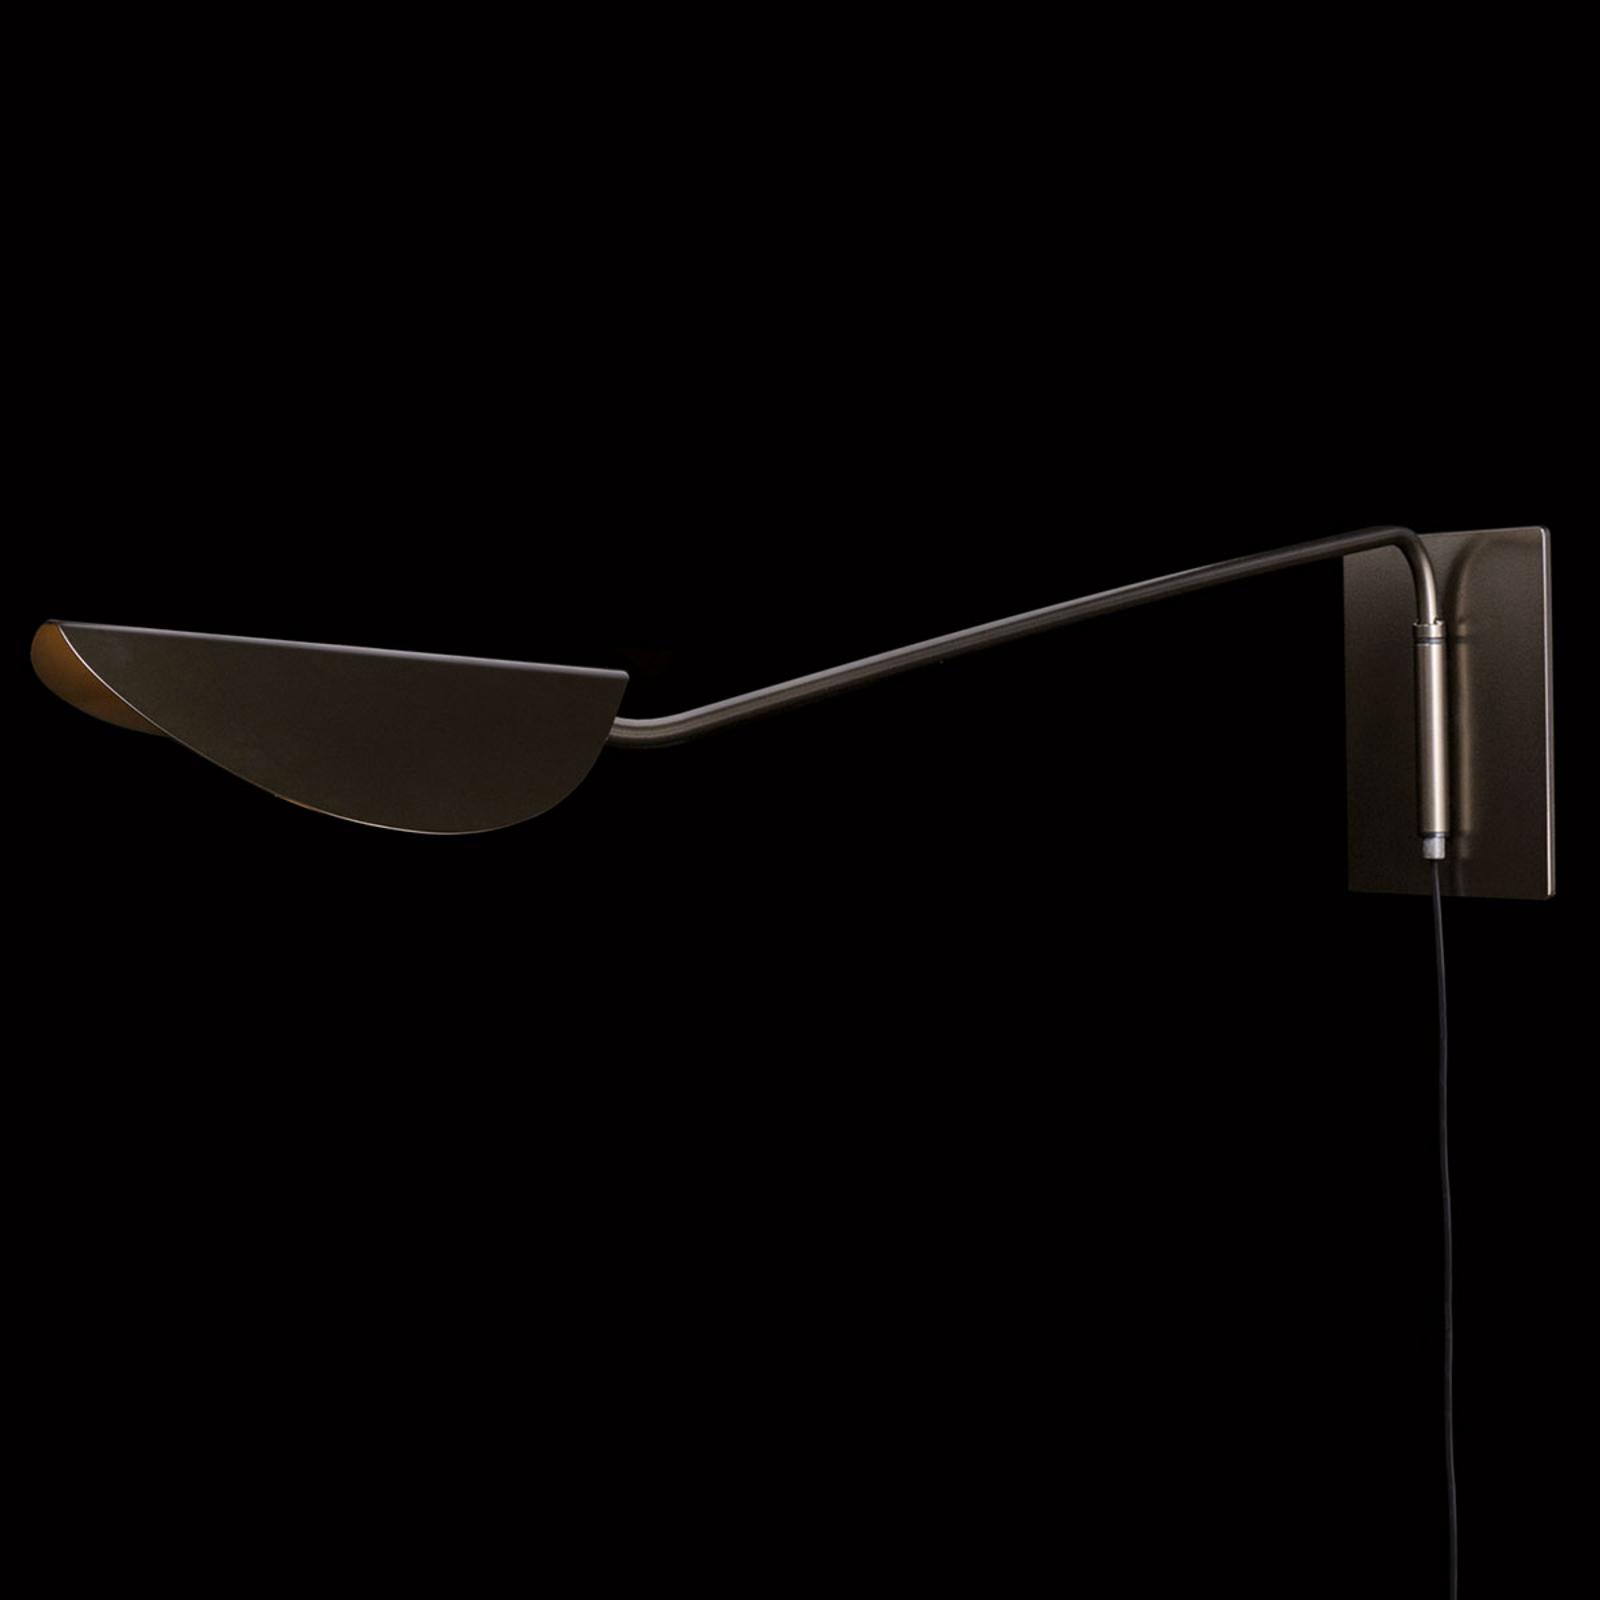 Oluce pluim wandlamp - bereik 80 cm